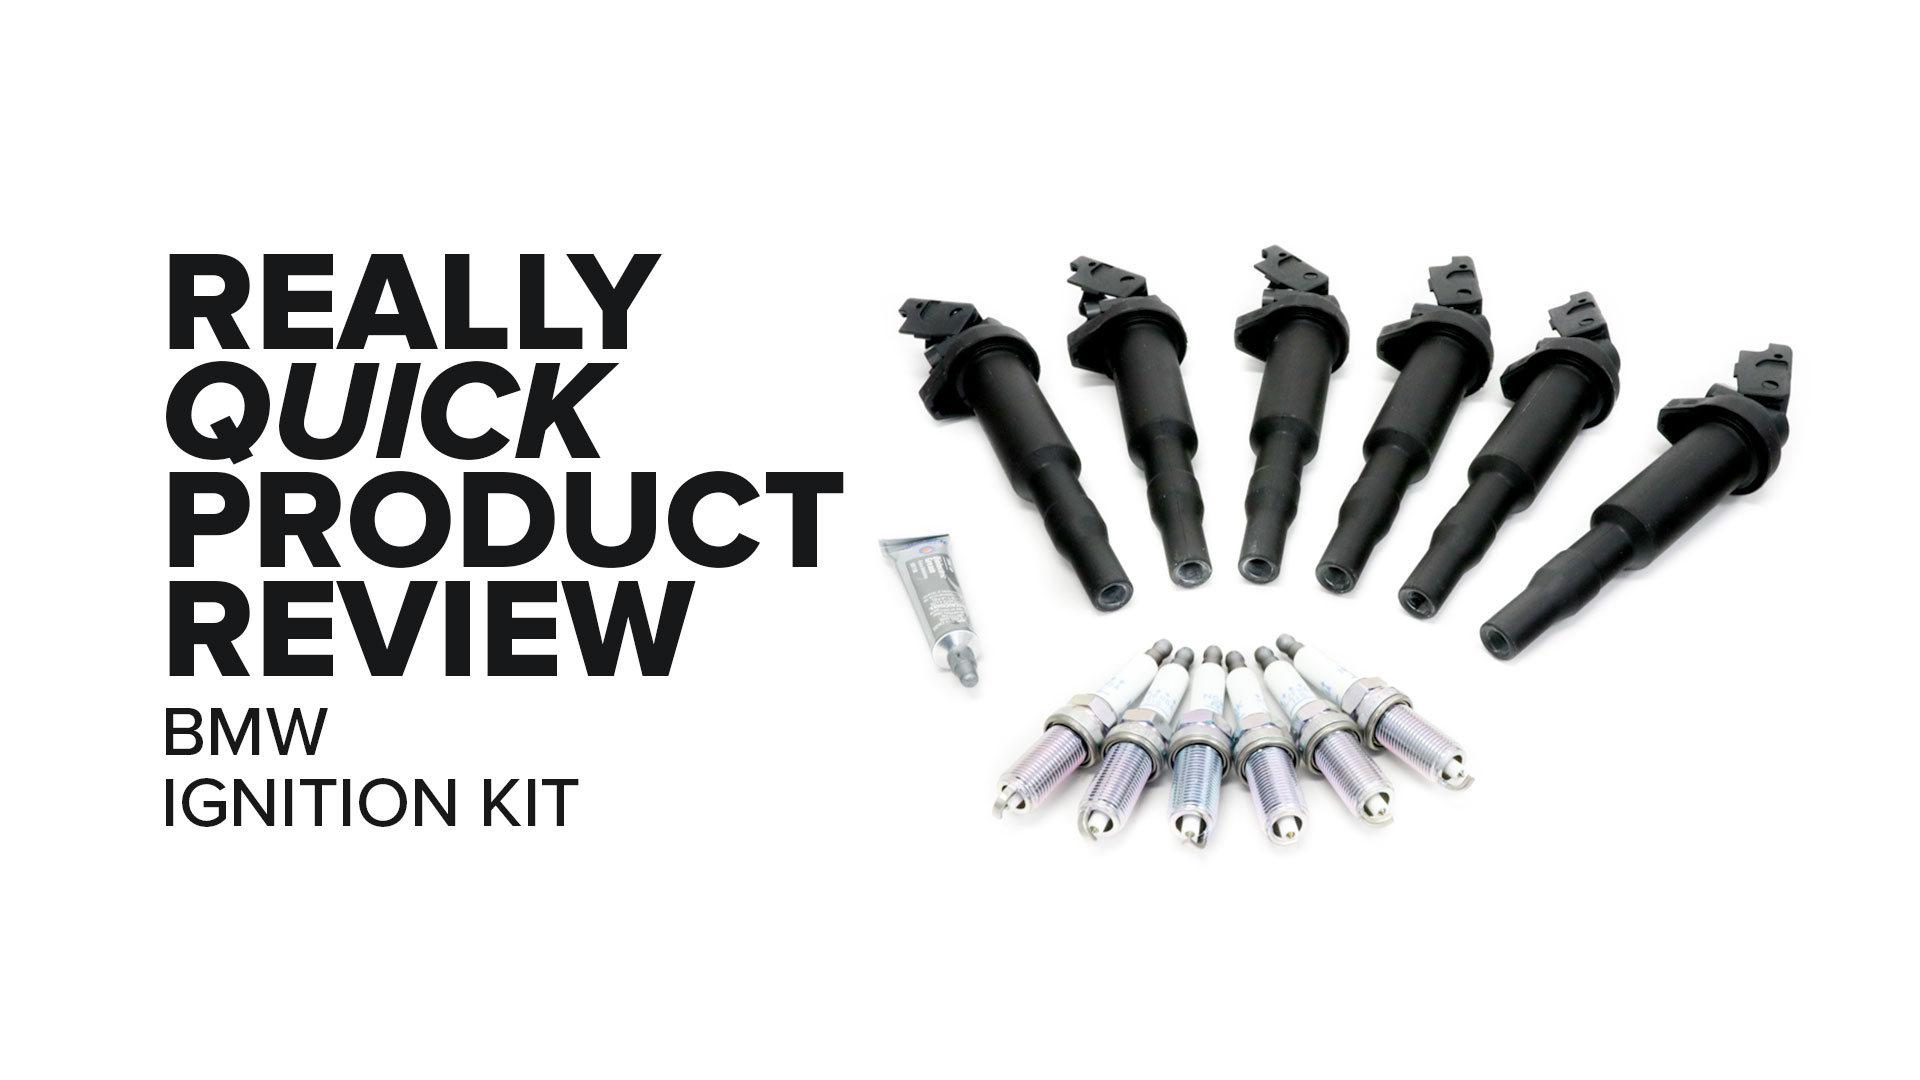 BMW N52 (X5, 328i, Z4, 128i, & More) Ignition Service Kit